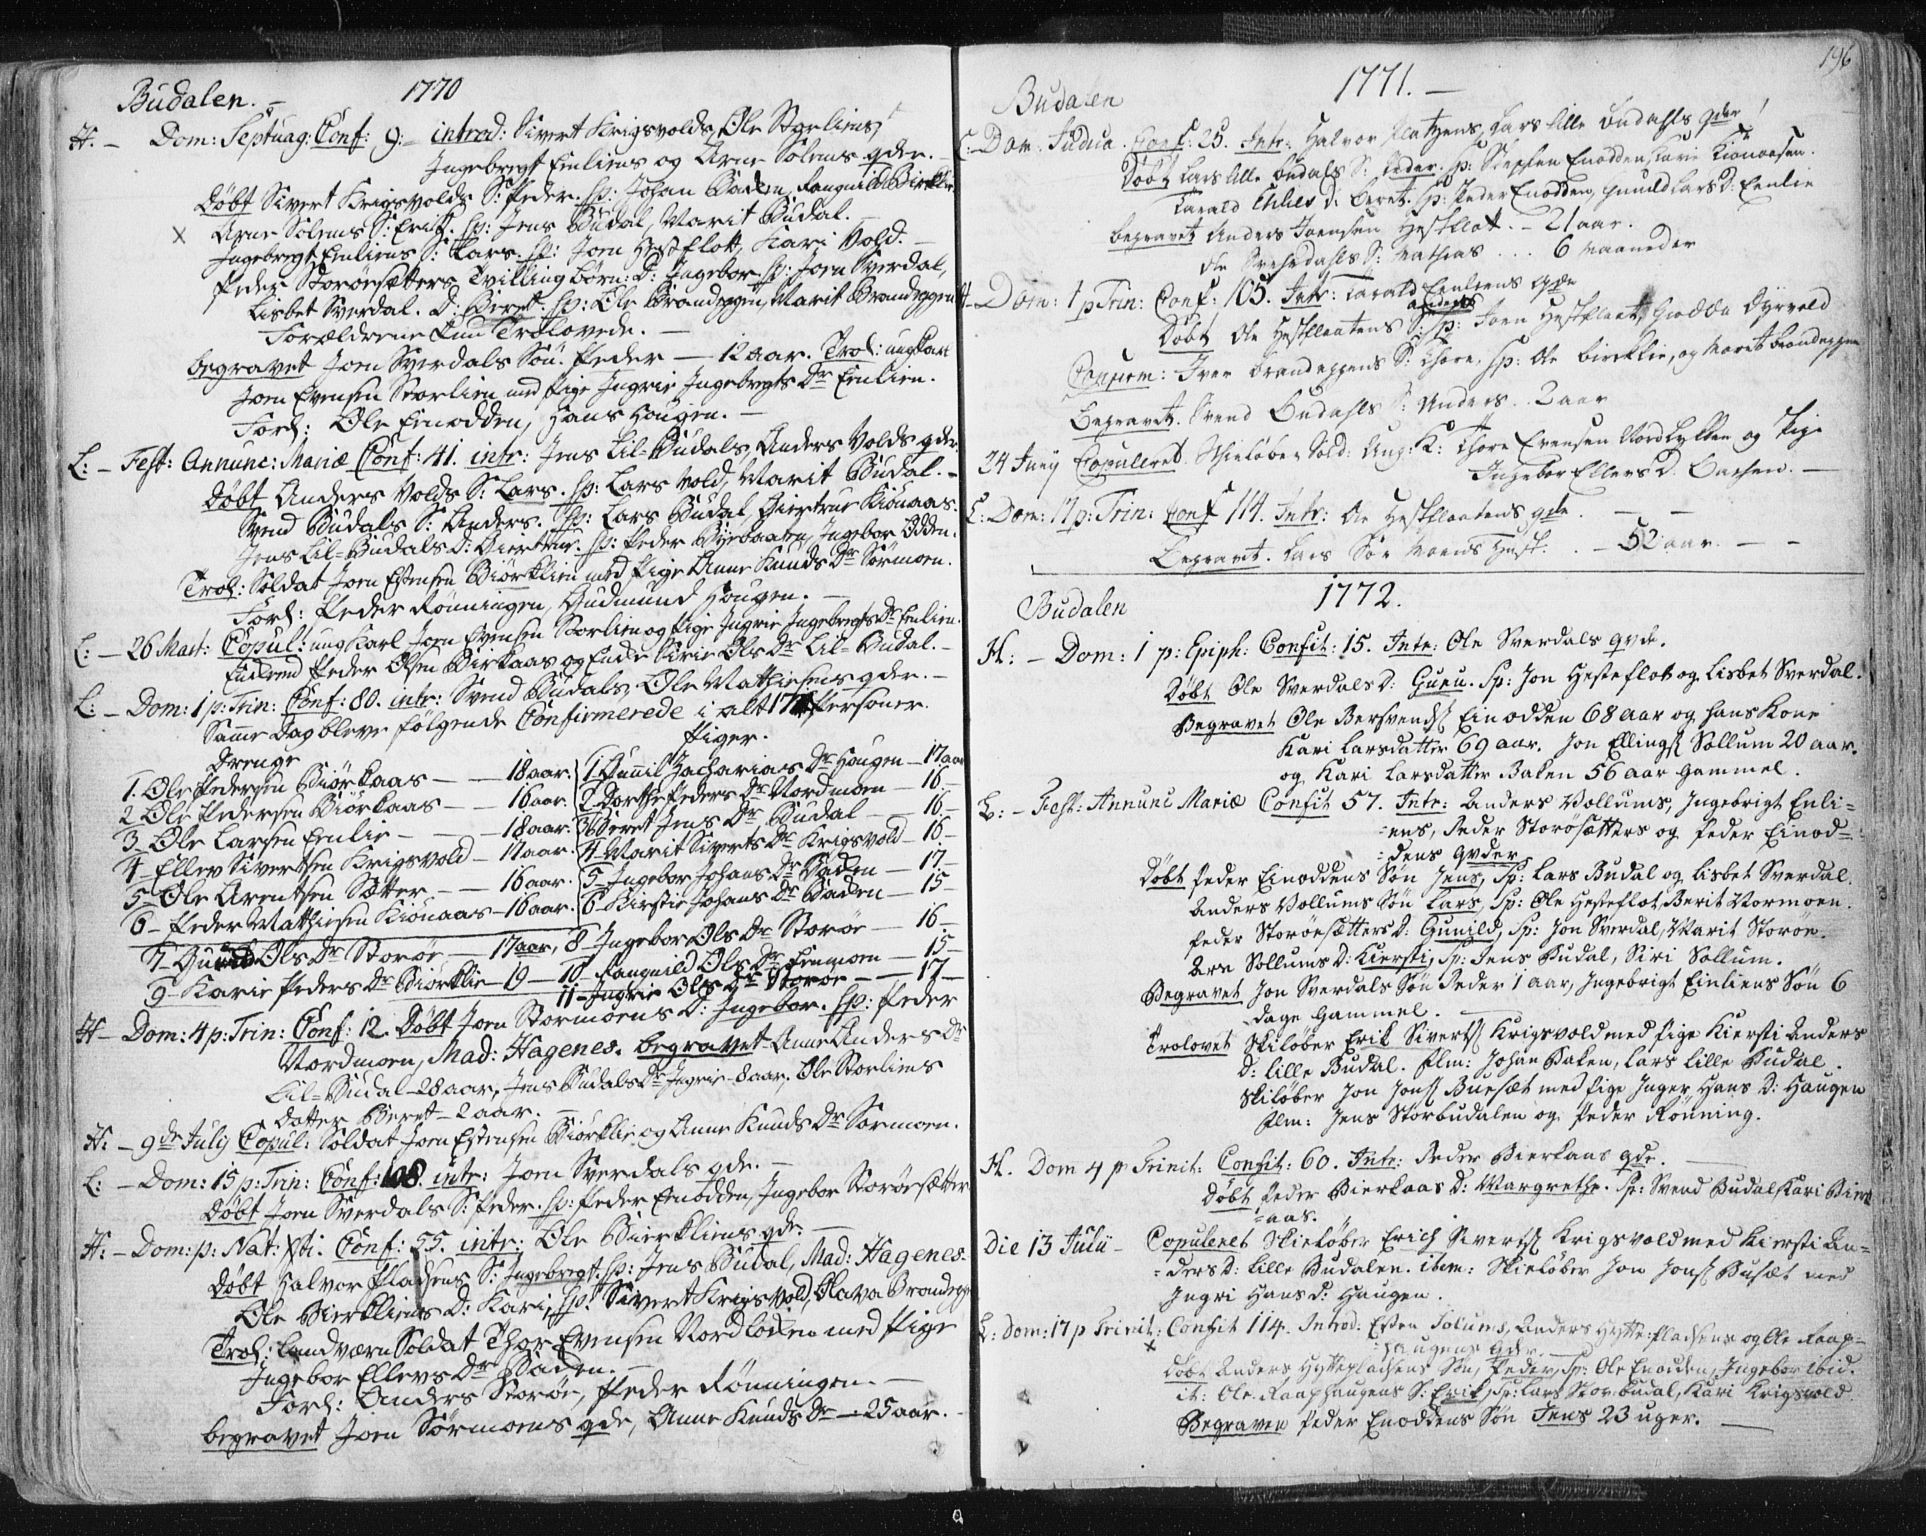 SAT, Ministerialprotokoller, klokkerbøker og fødselsregistre - Sør-Trøndelag, 687/L0991: Ministerialbok nr. 687A02, 1747-1790, s. 196